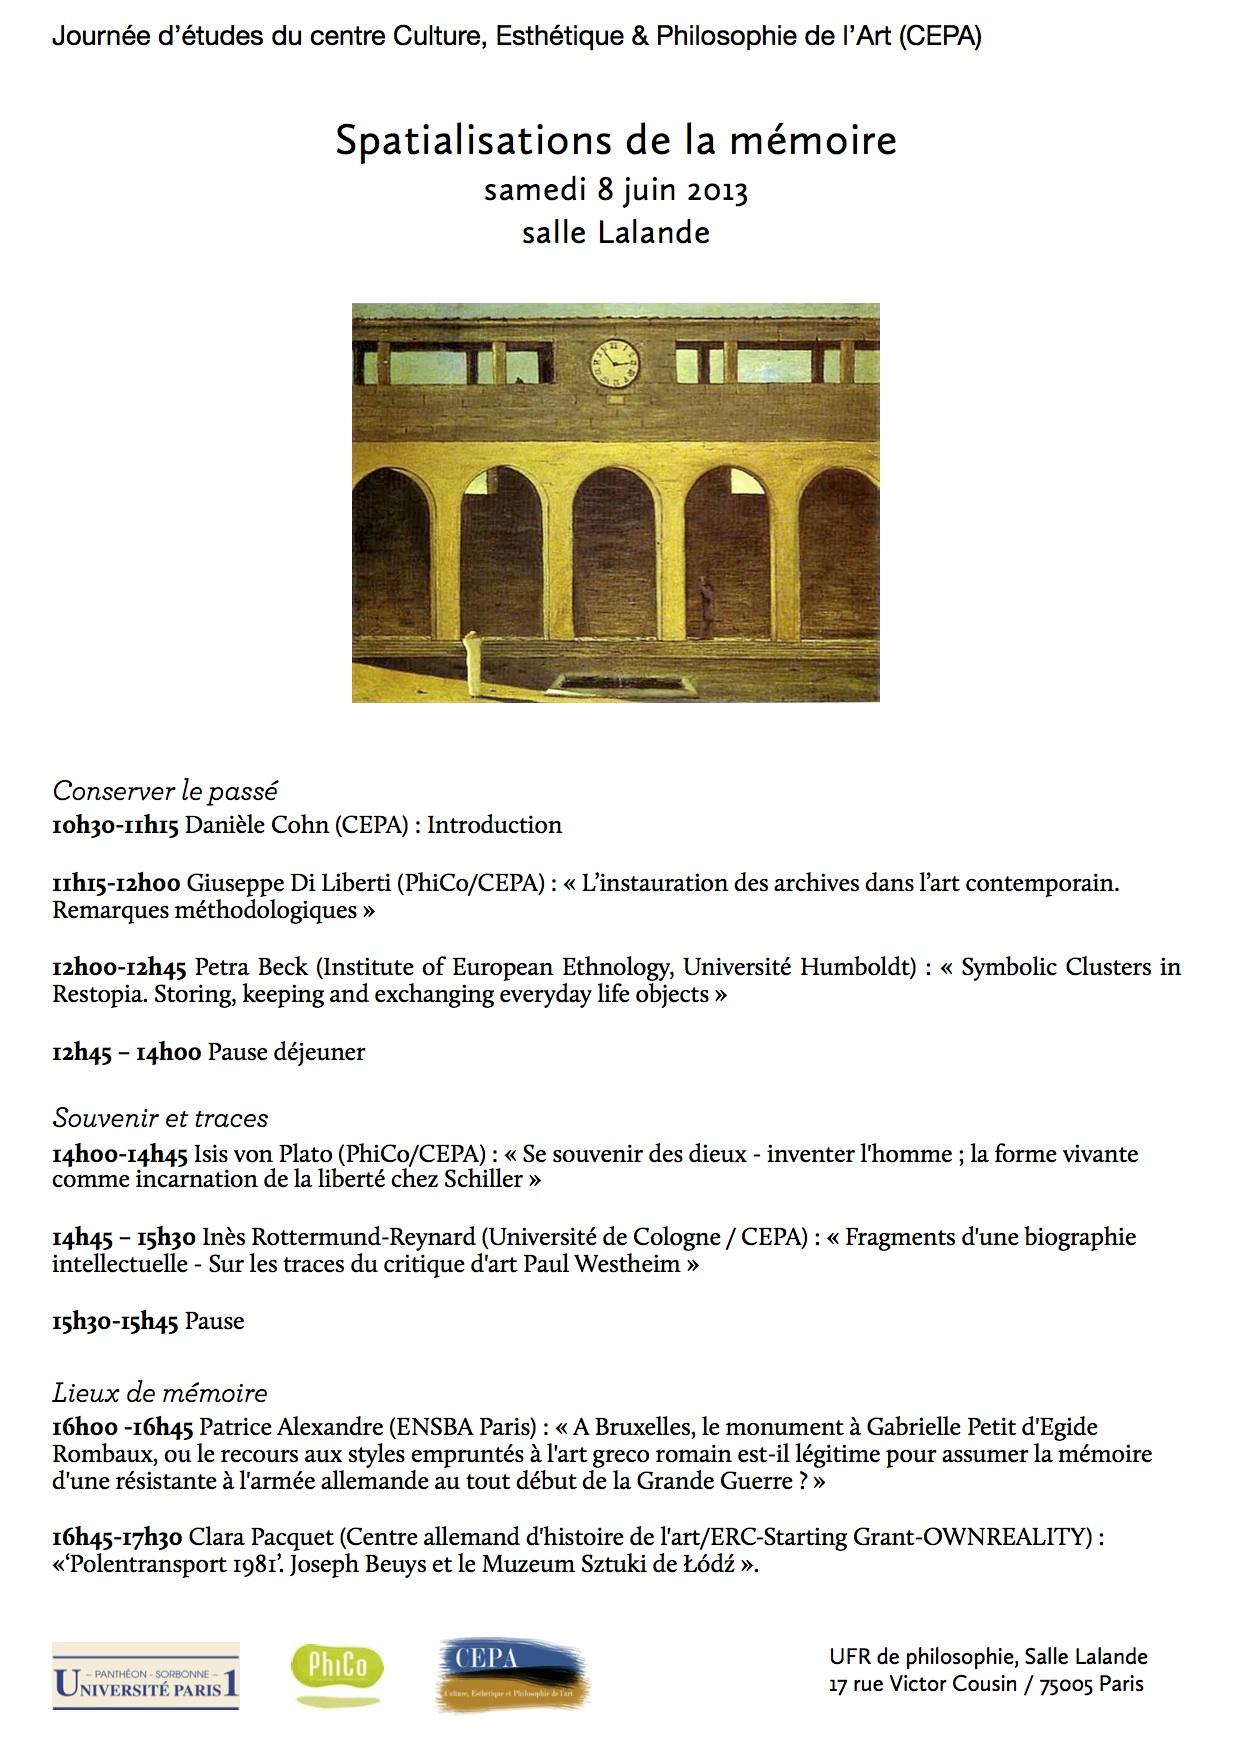 Journée d'études du CEPA